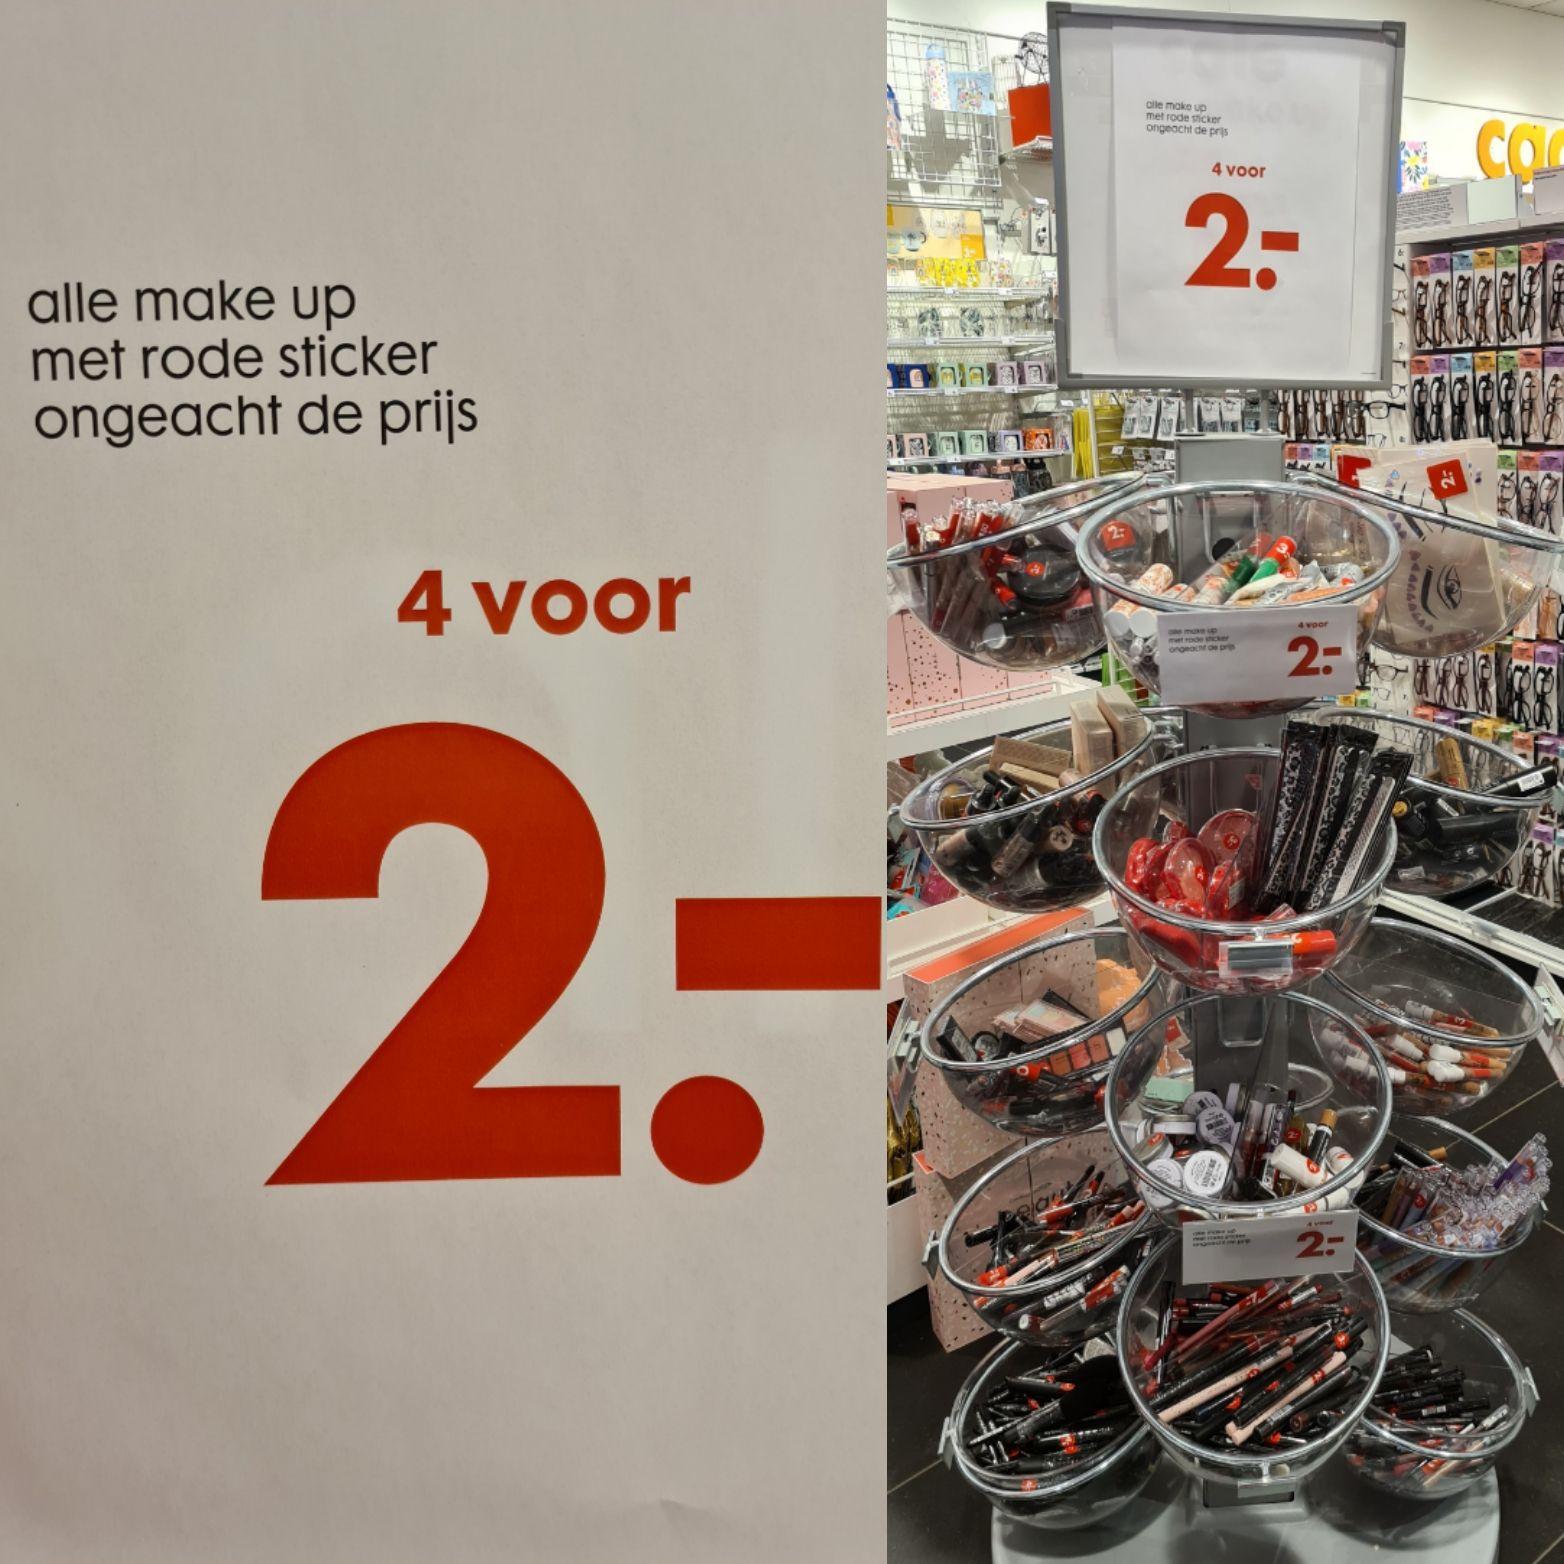 Alle make up met rode sticker 4 stuks voor €2,- alleen in hema de mare Alkmaar Noord